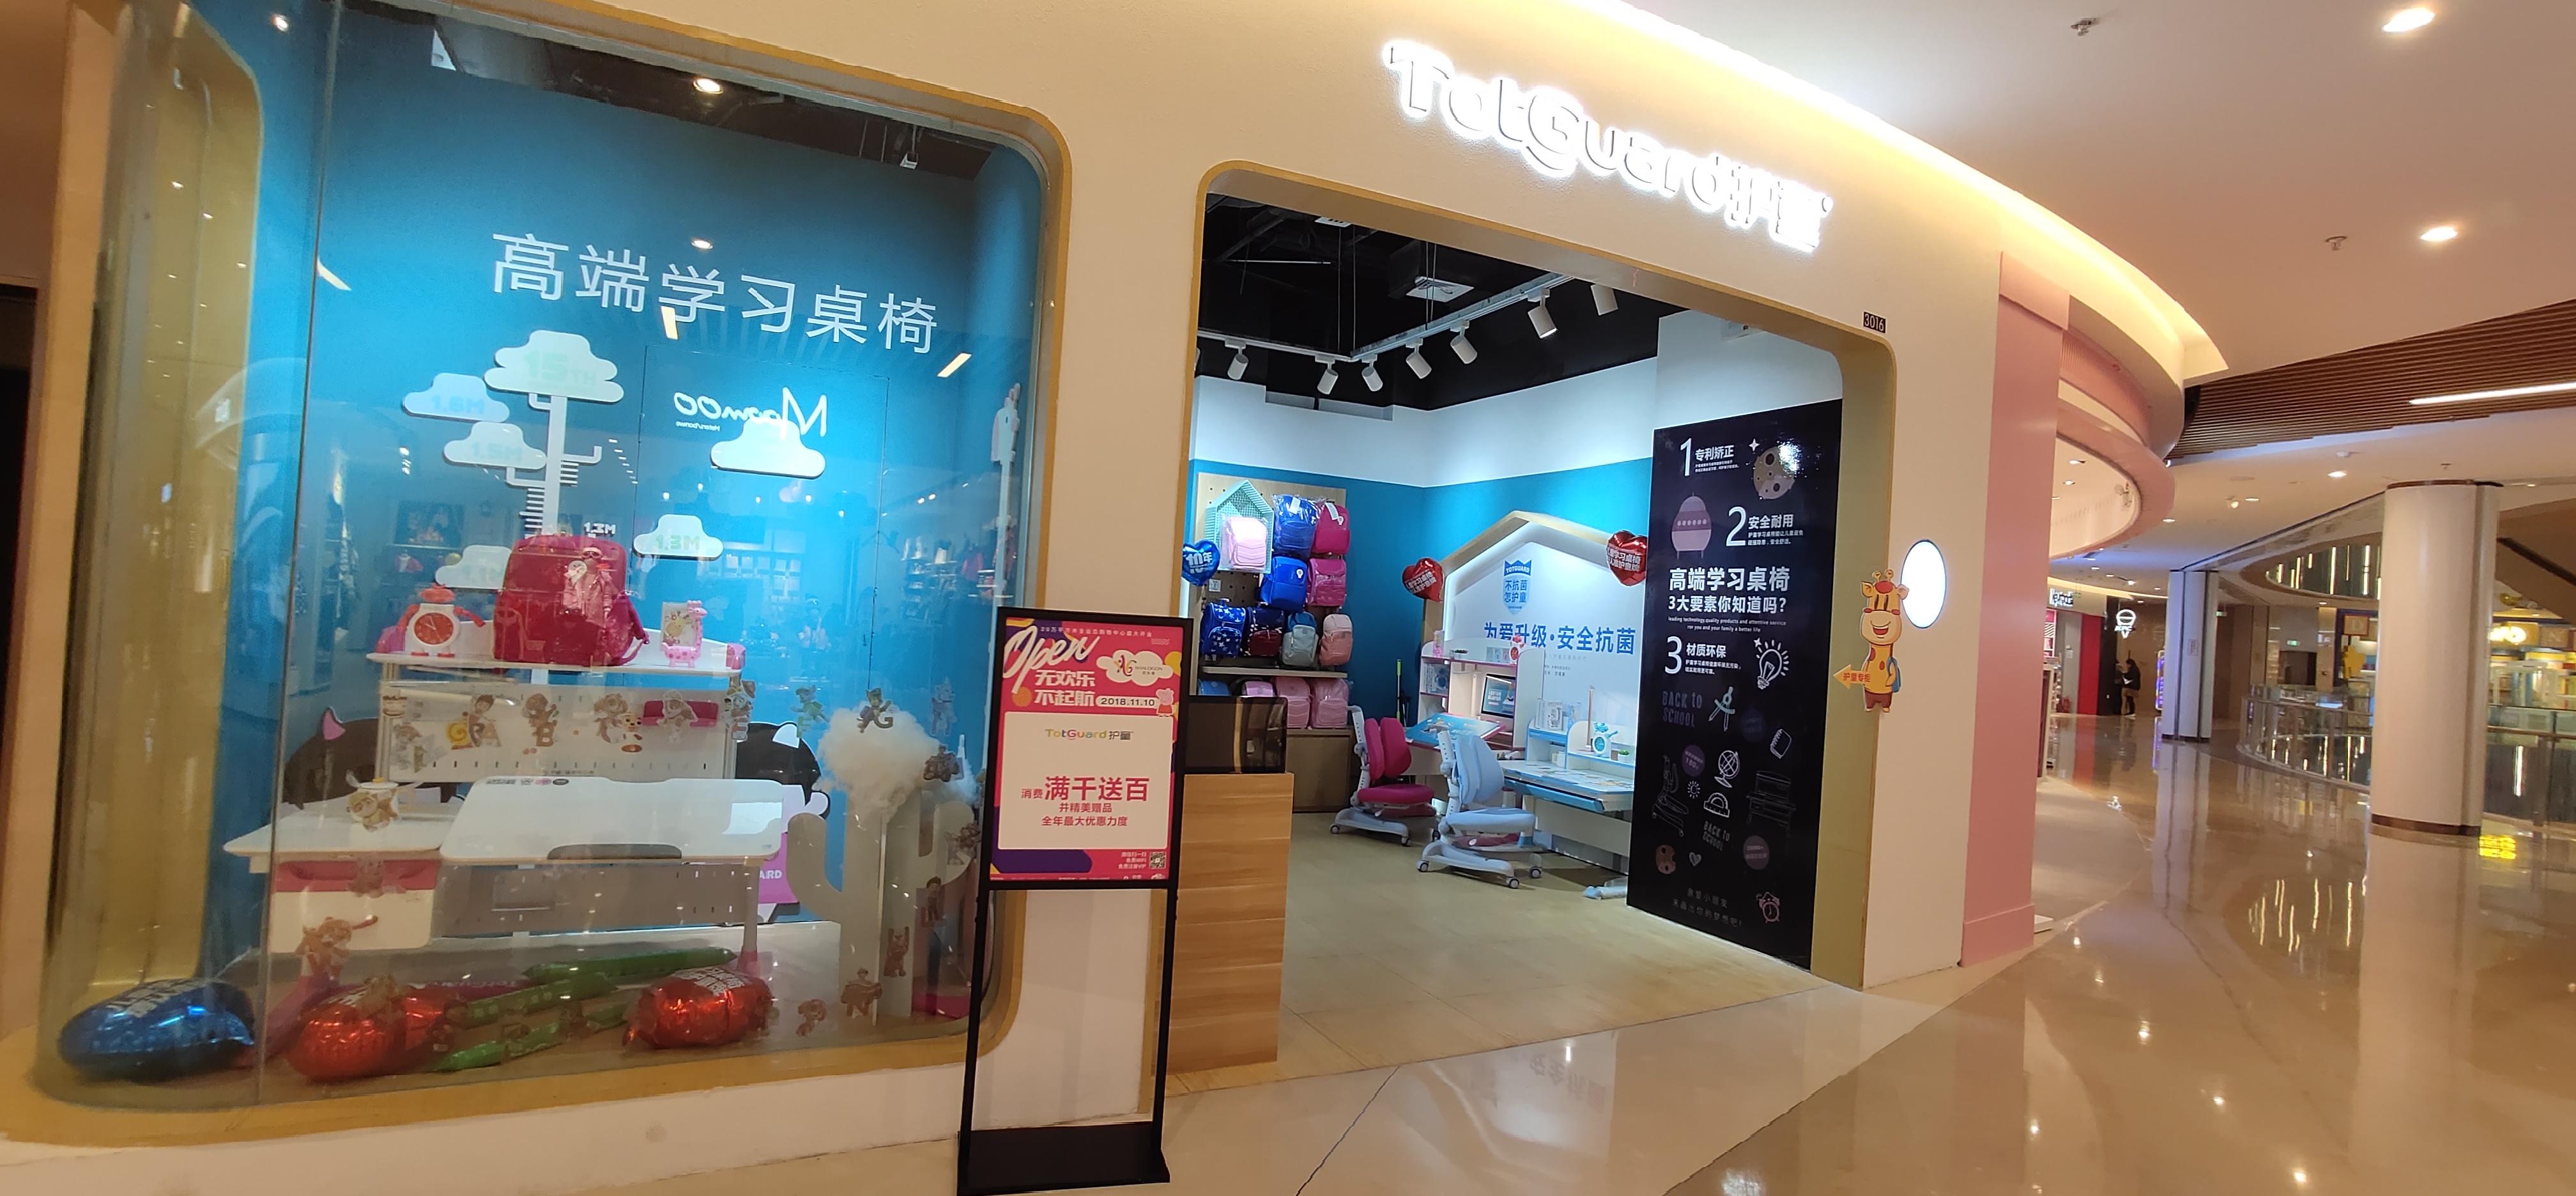 热烈祝贺护童第1557家南京六合欢乐港店盛大开业!